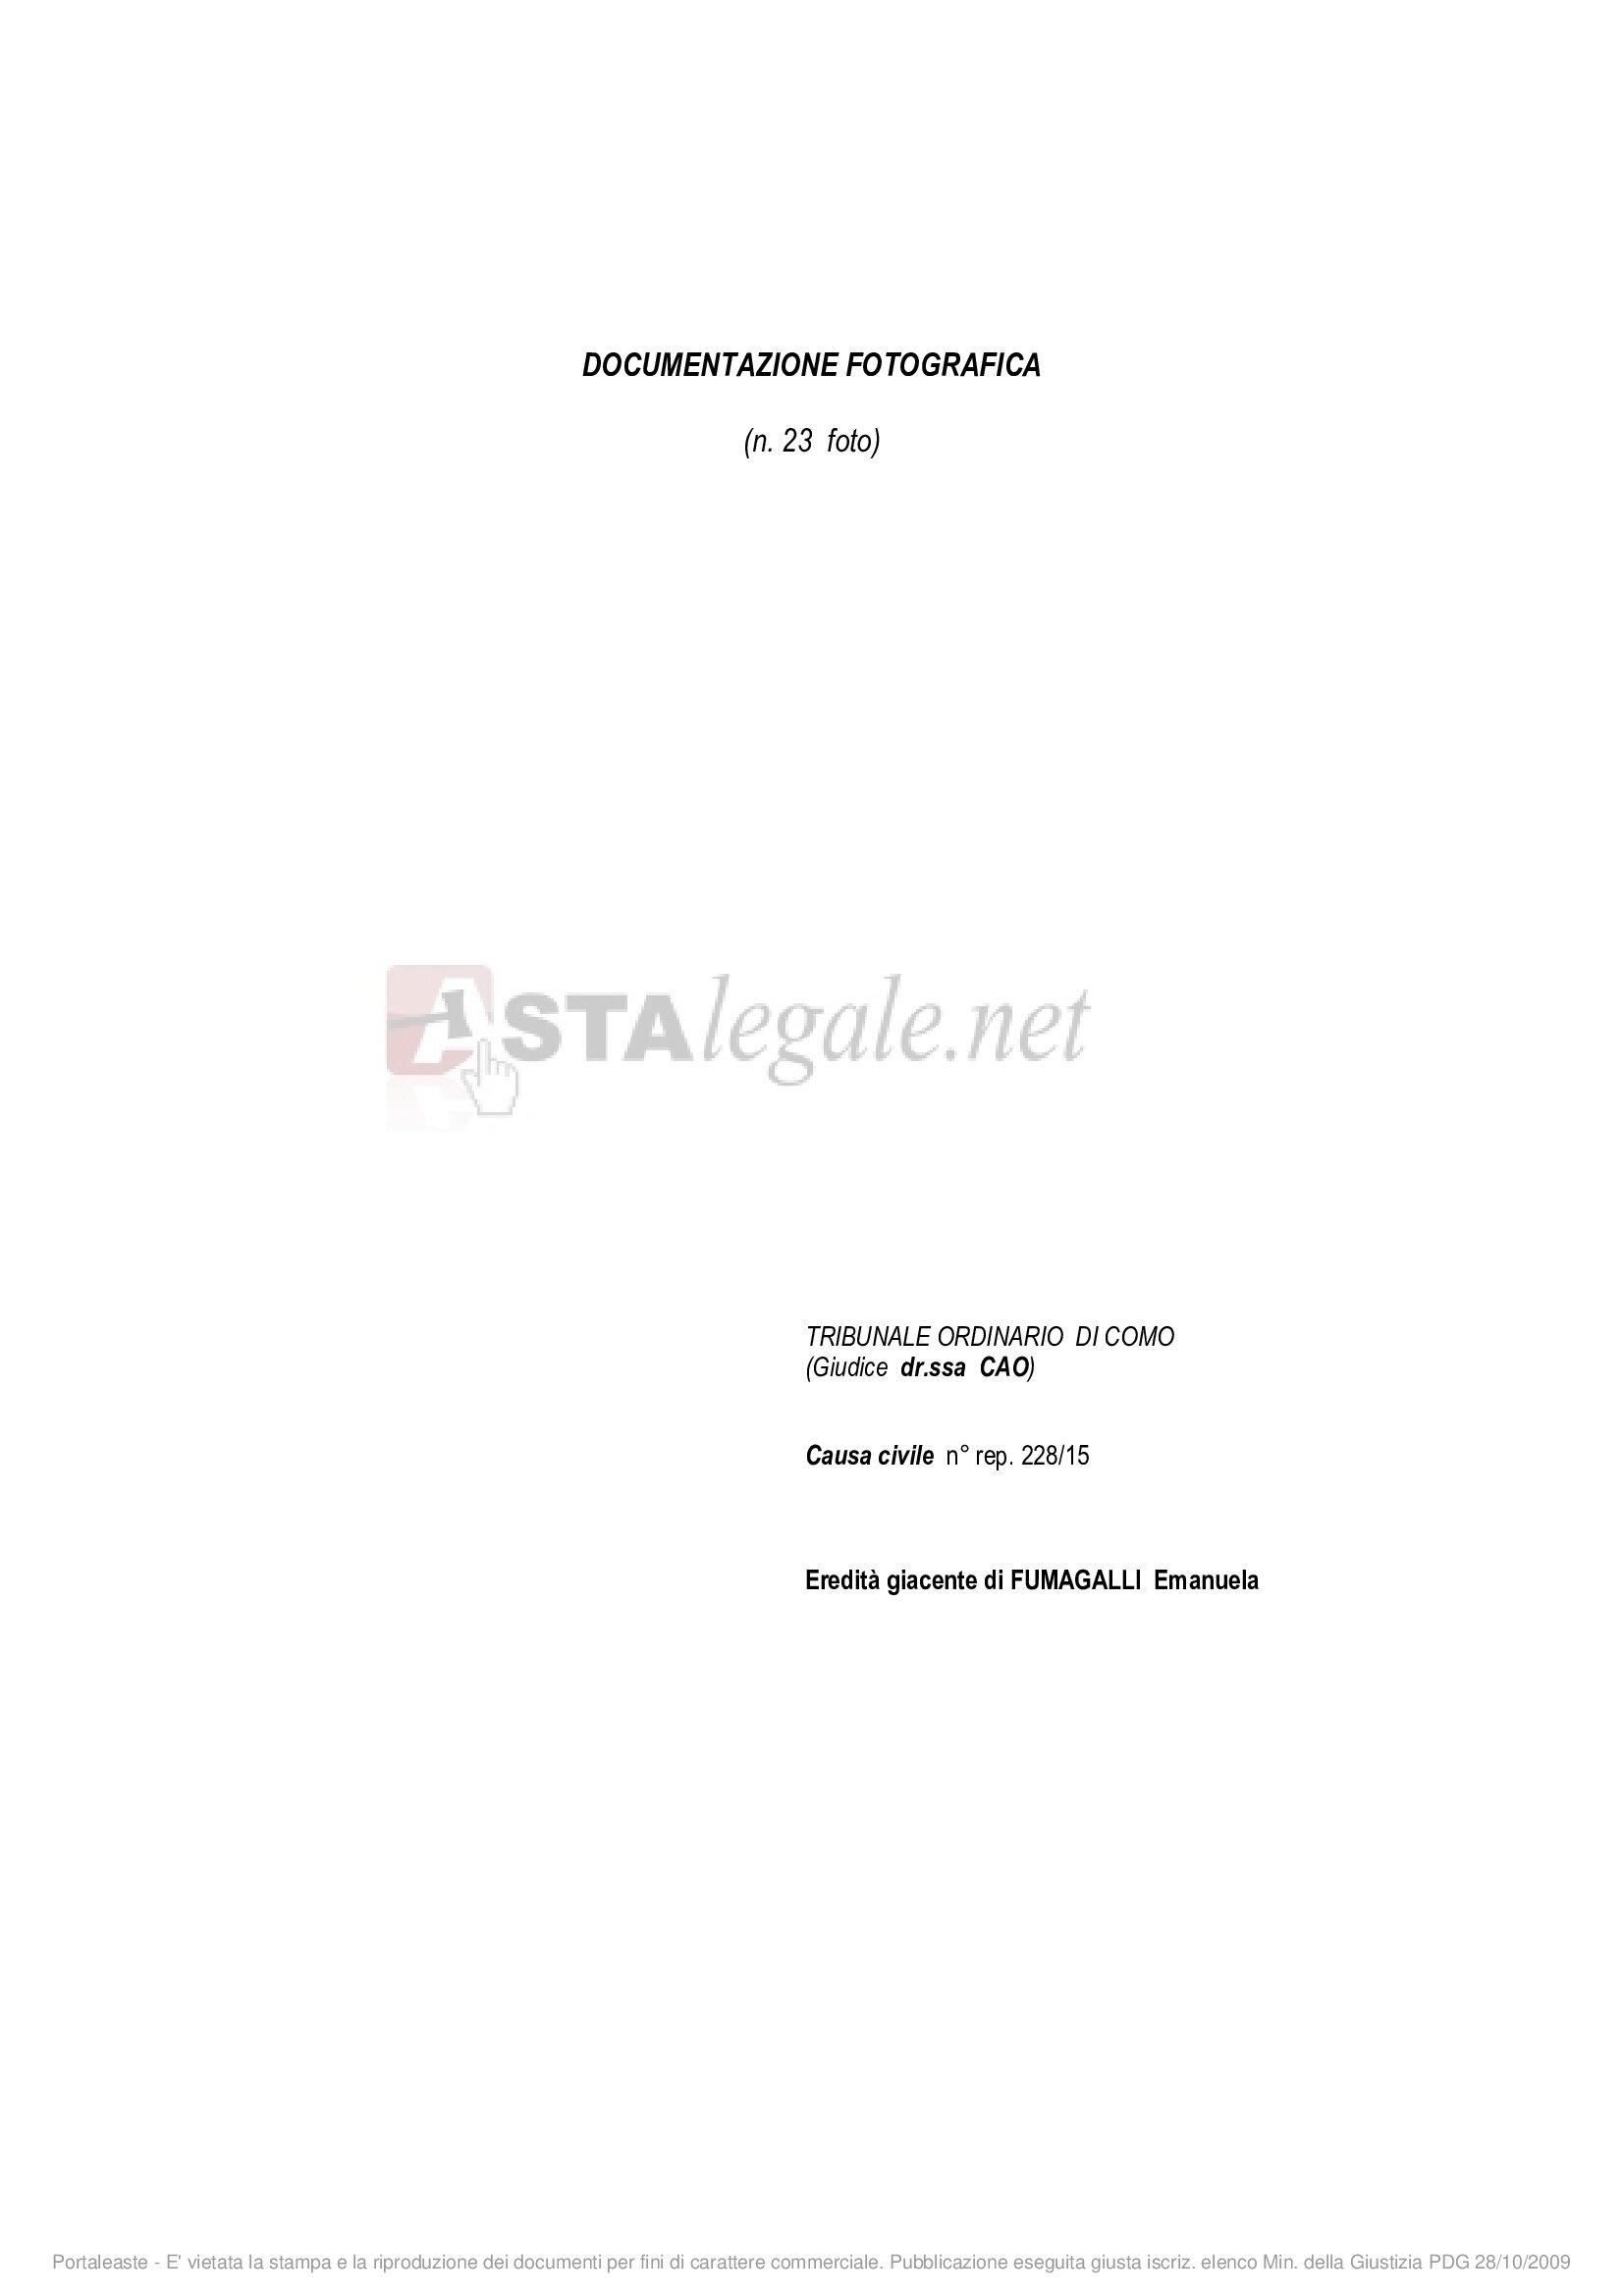 Appartamento bilocale in vendita a Veleso (CO)